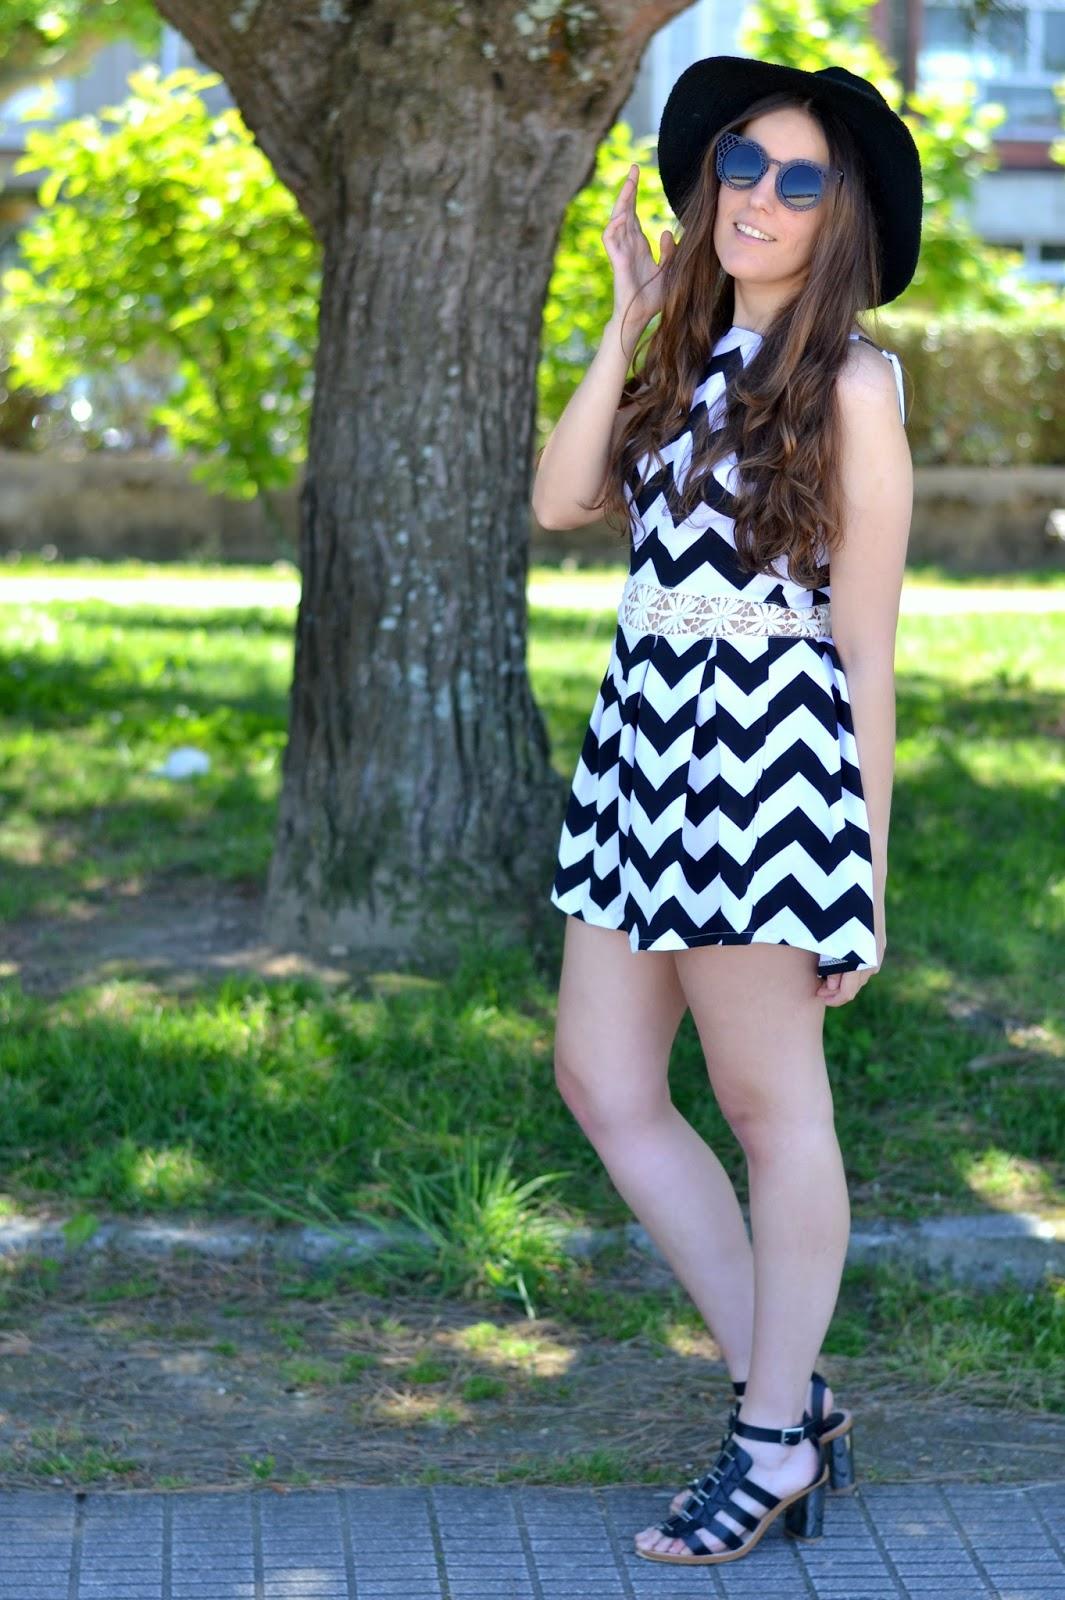 choies jumpsuit, black hat, sunnies, girl